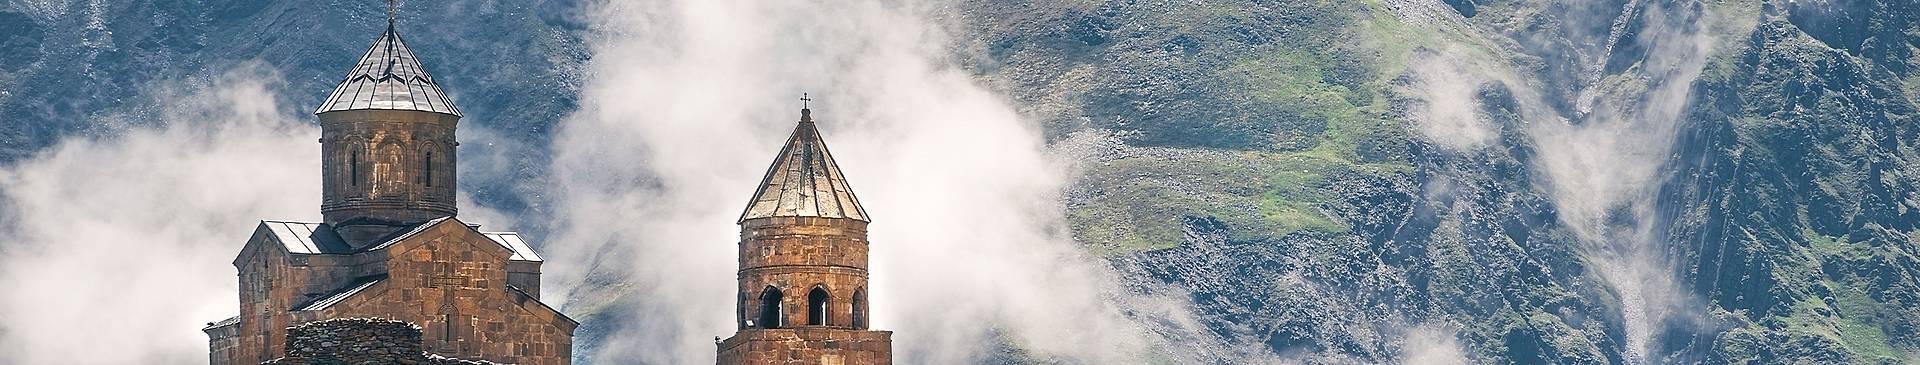 Historical sites in Georgia